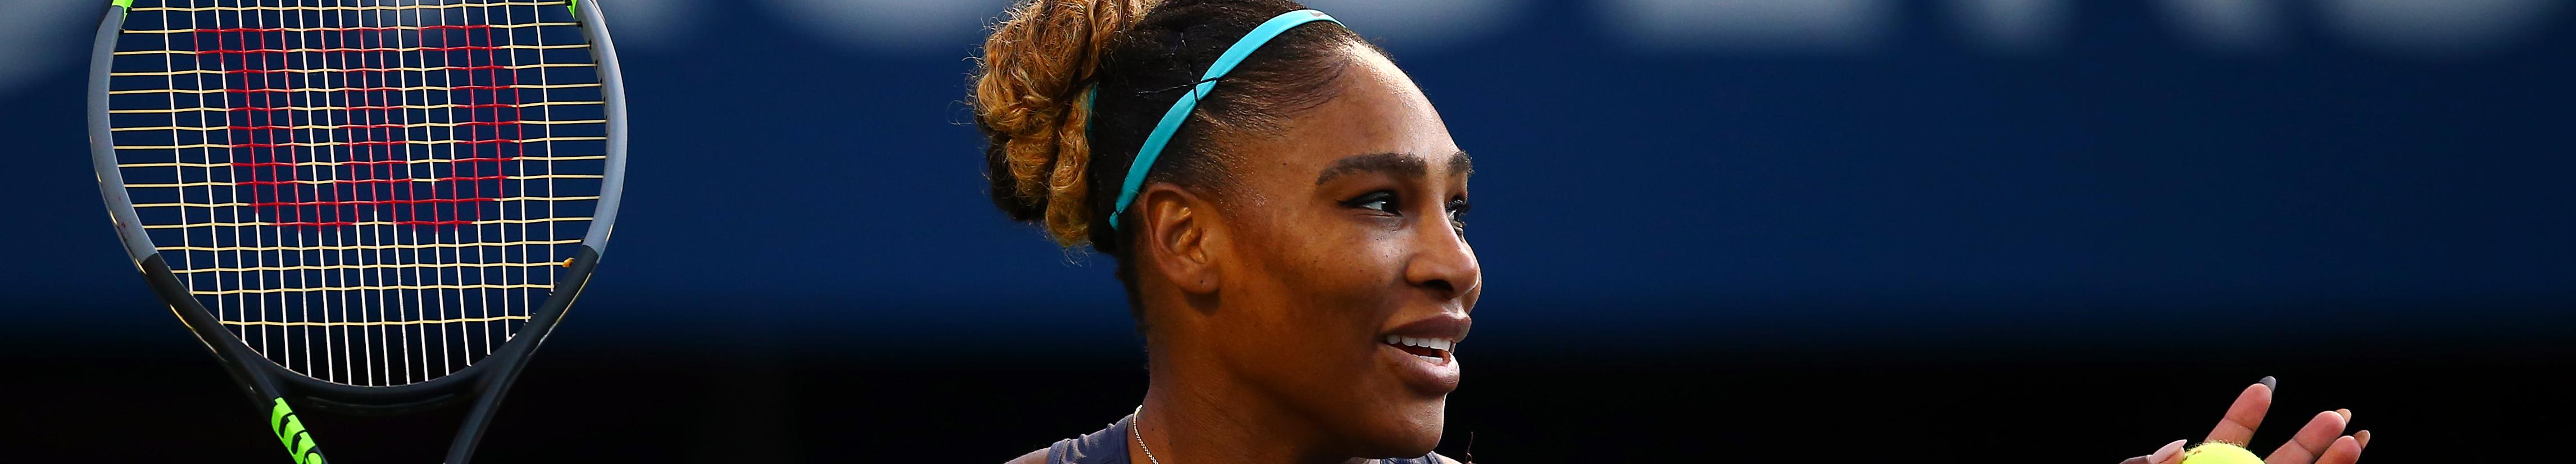 US Open, day 13: finale femminile, Serena a caccia dell'ennesimo record